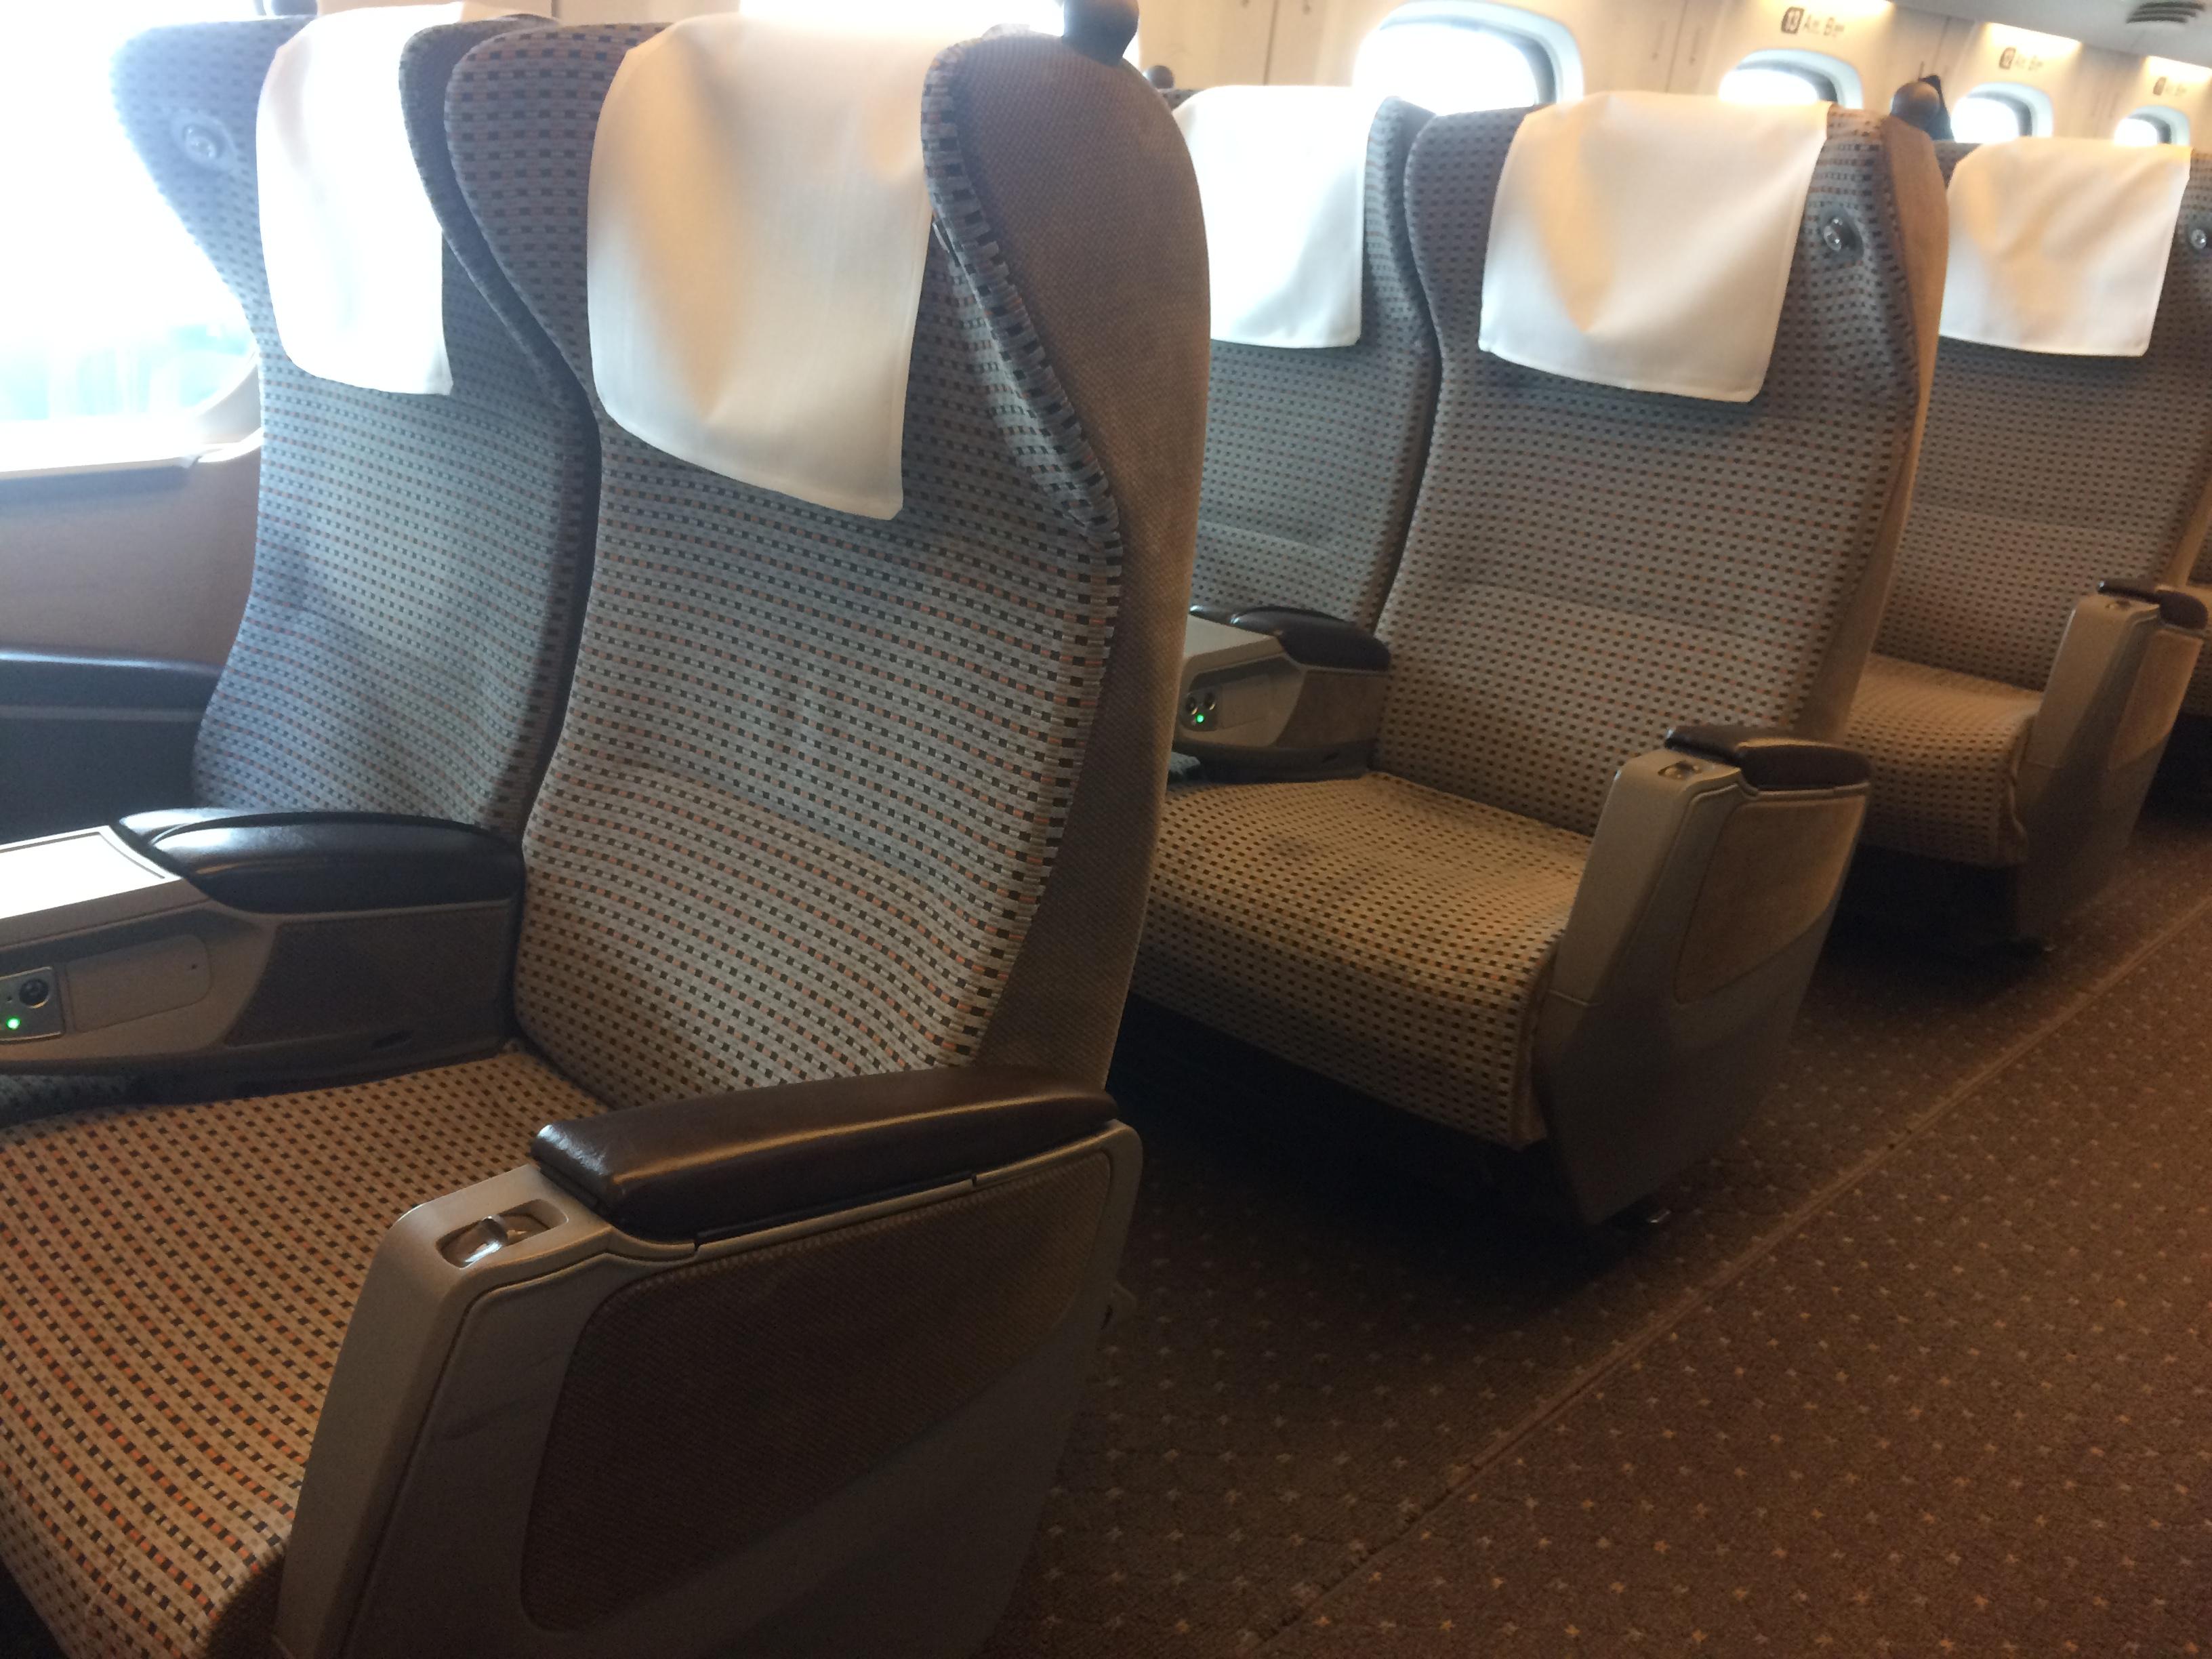 東海道新幹線 ご存知ですか? 列車番号のヒミツ…おかげで助かりました!!